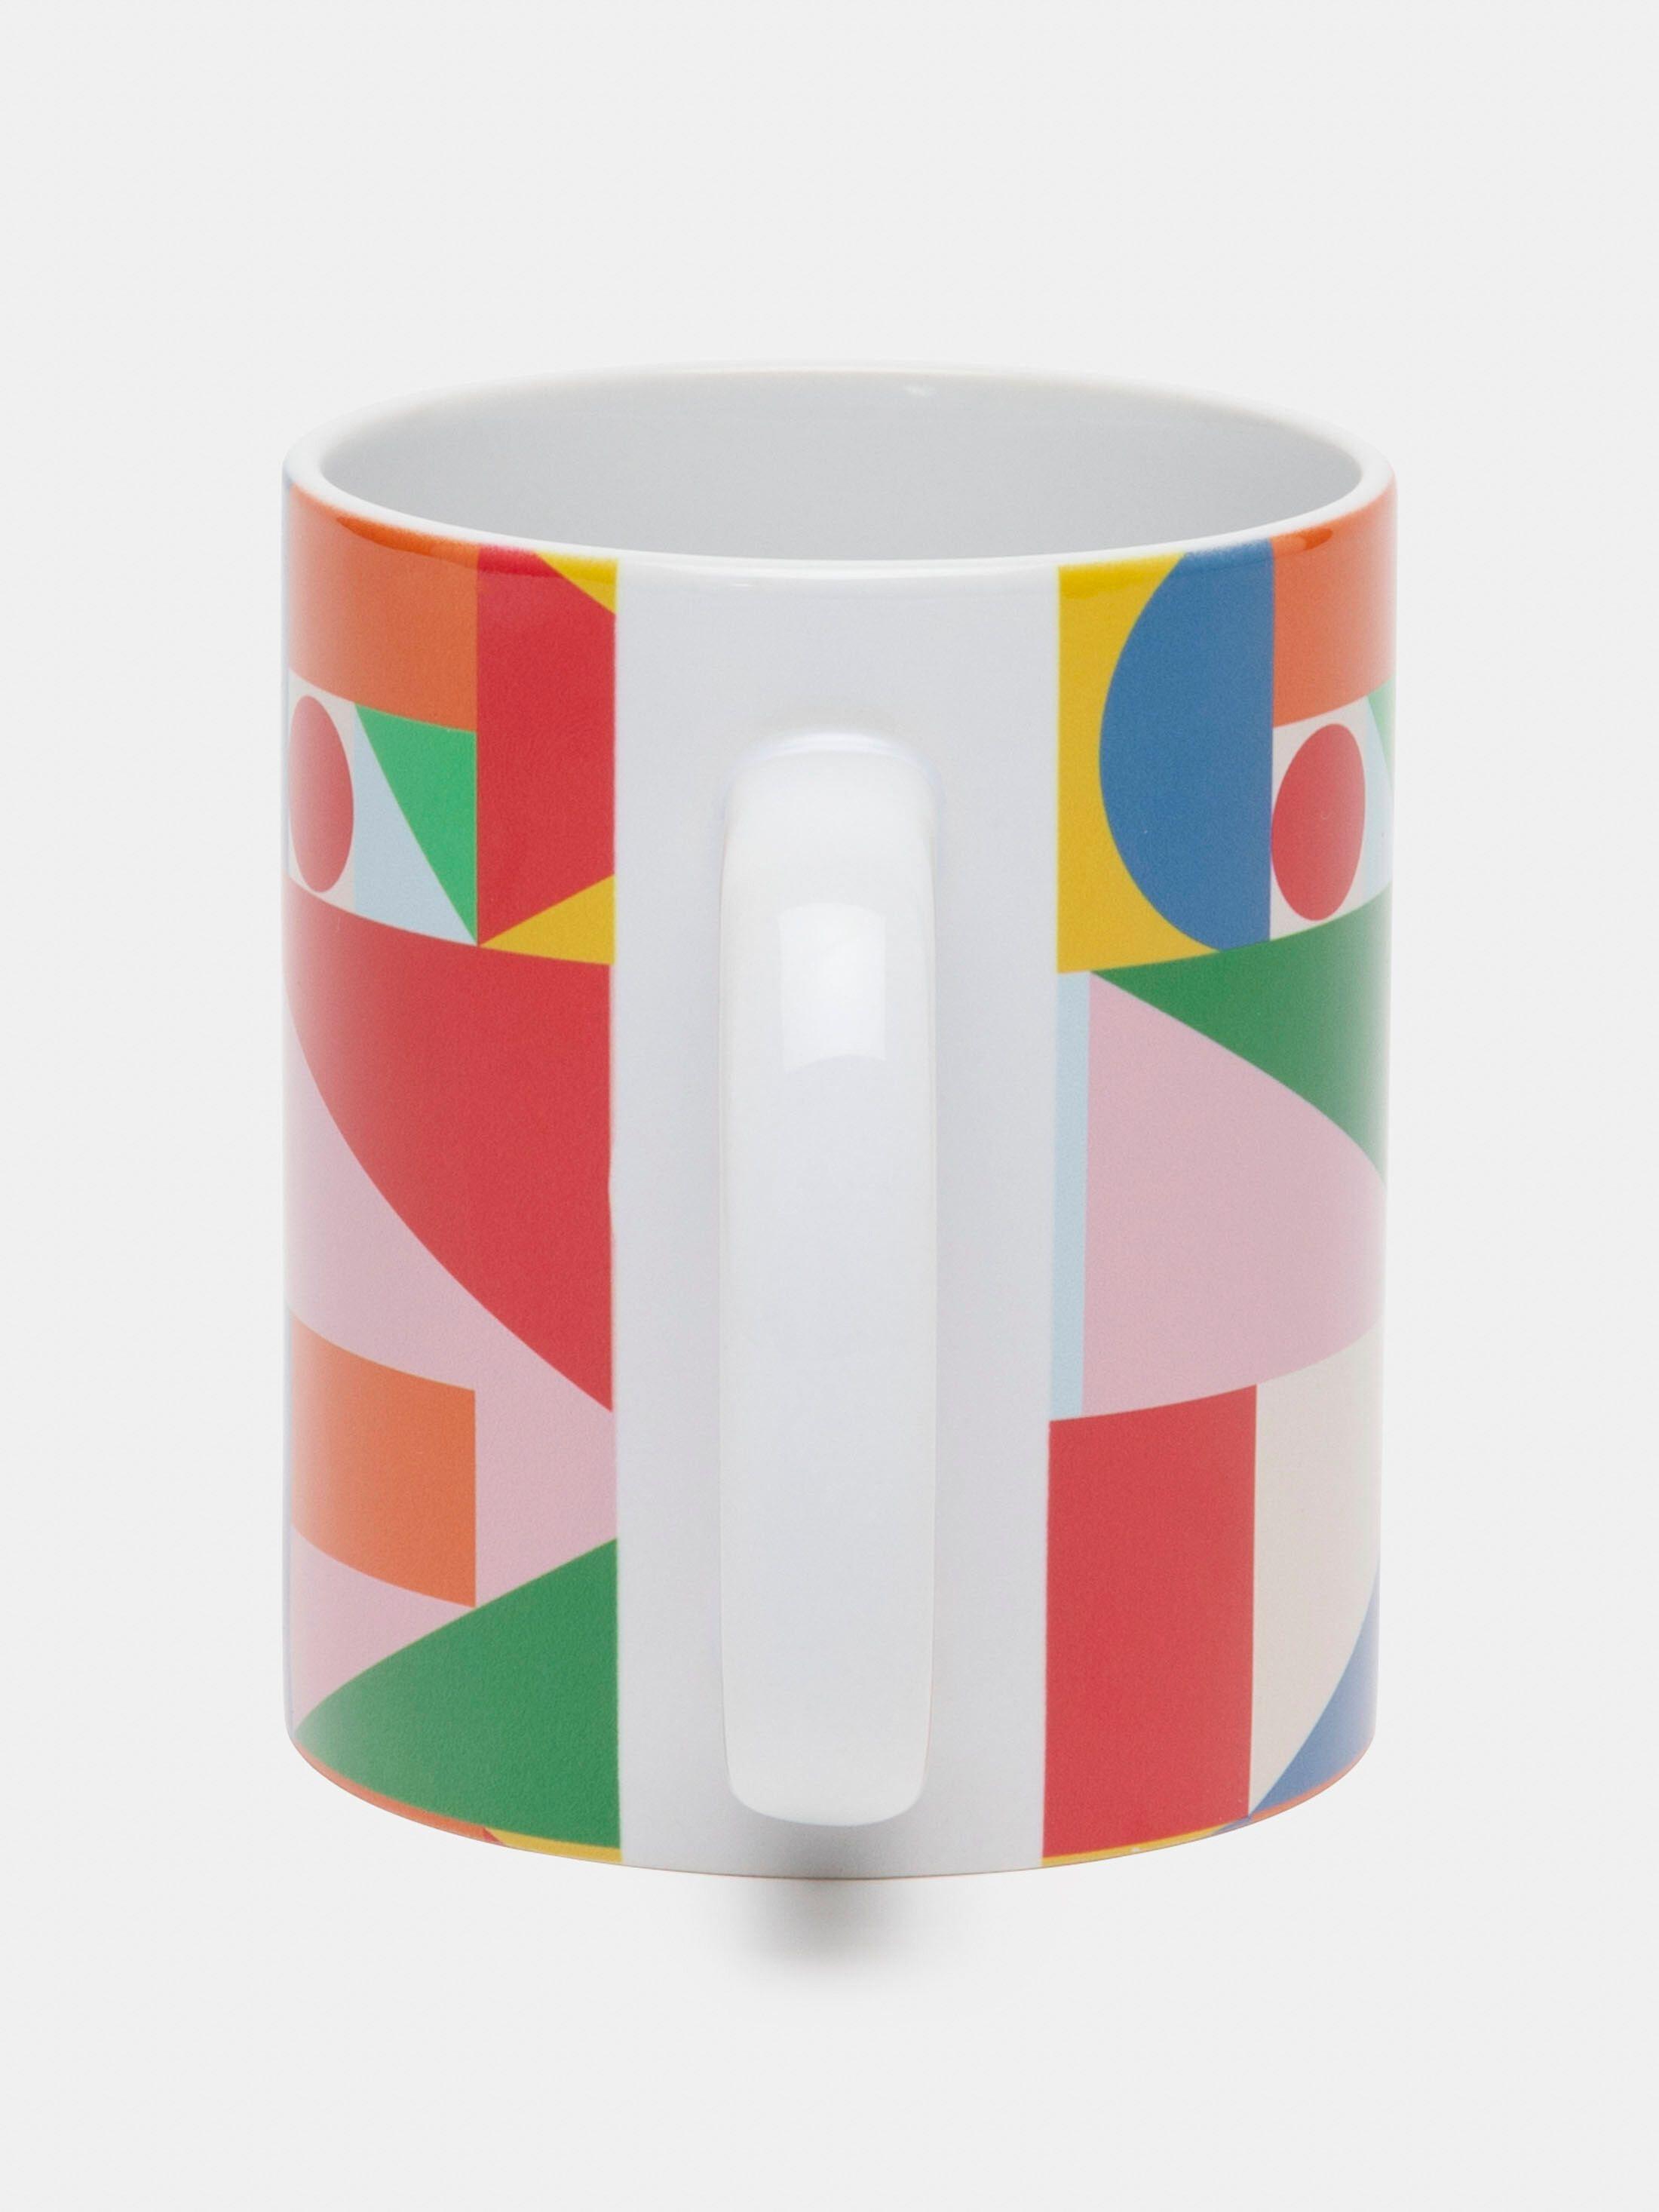 マグカップデザイン